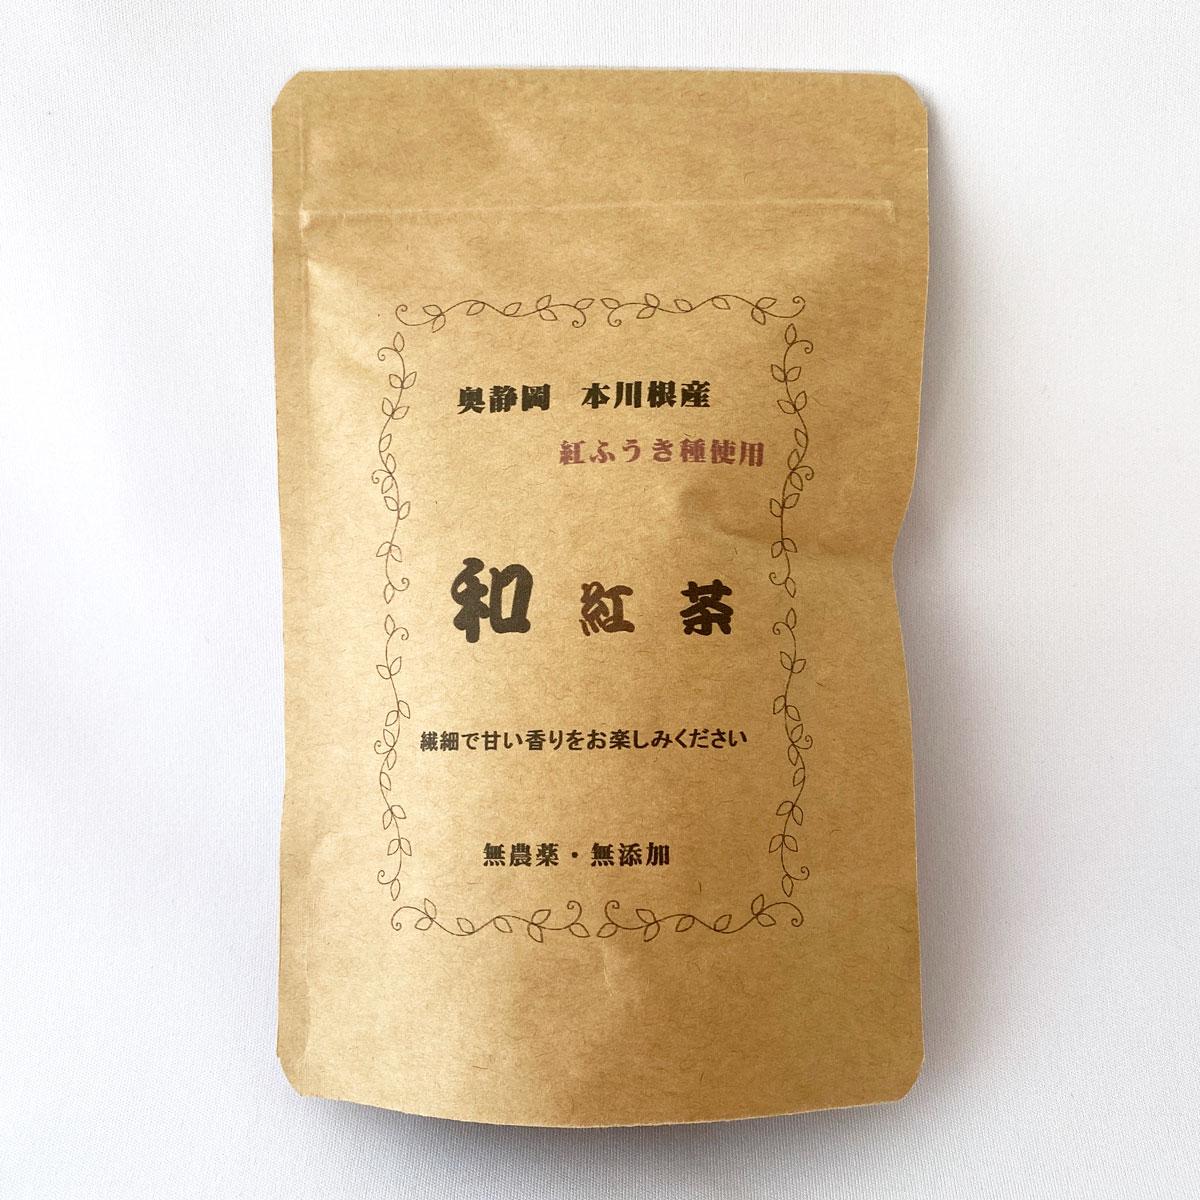 べにふうき和紅茶 (リーフ) 50g 静岡県川根産